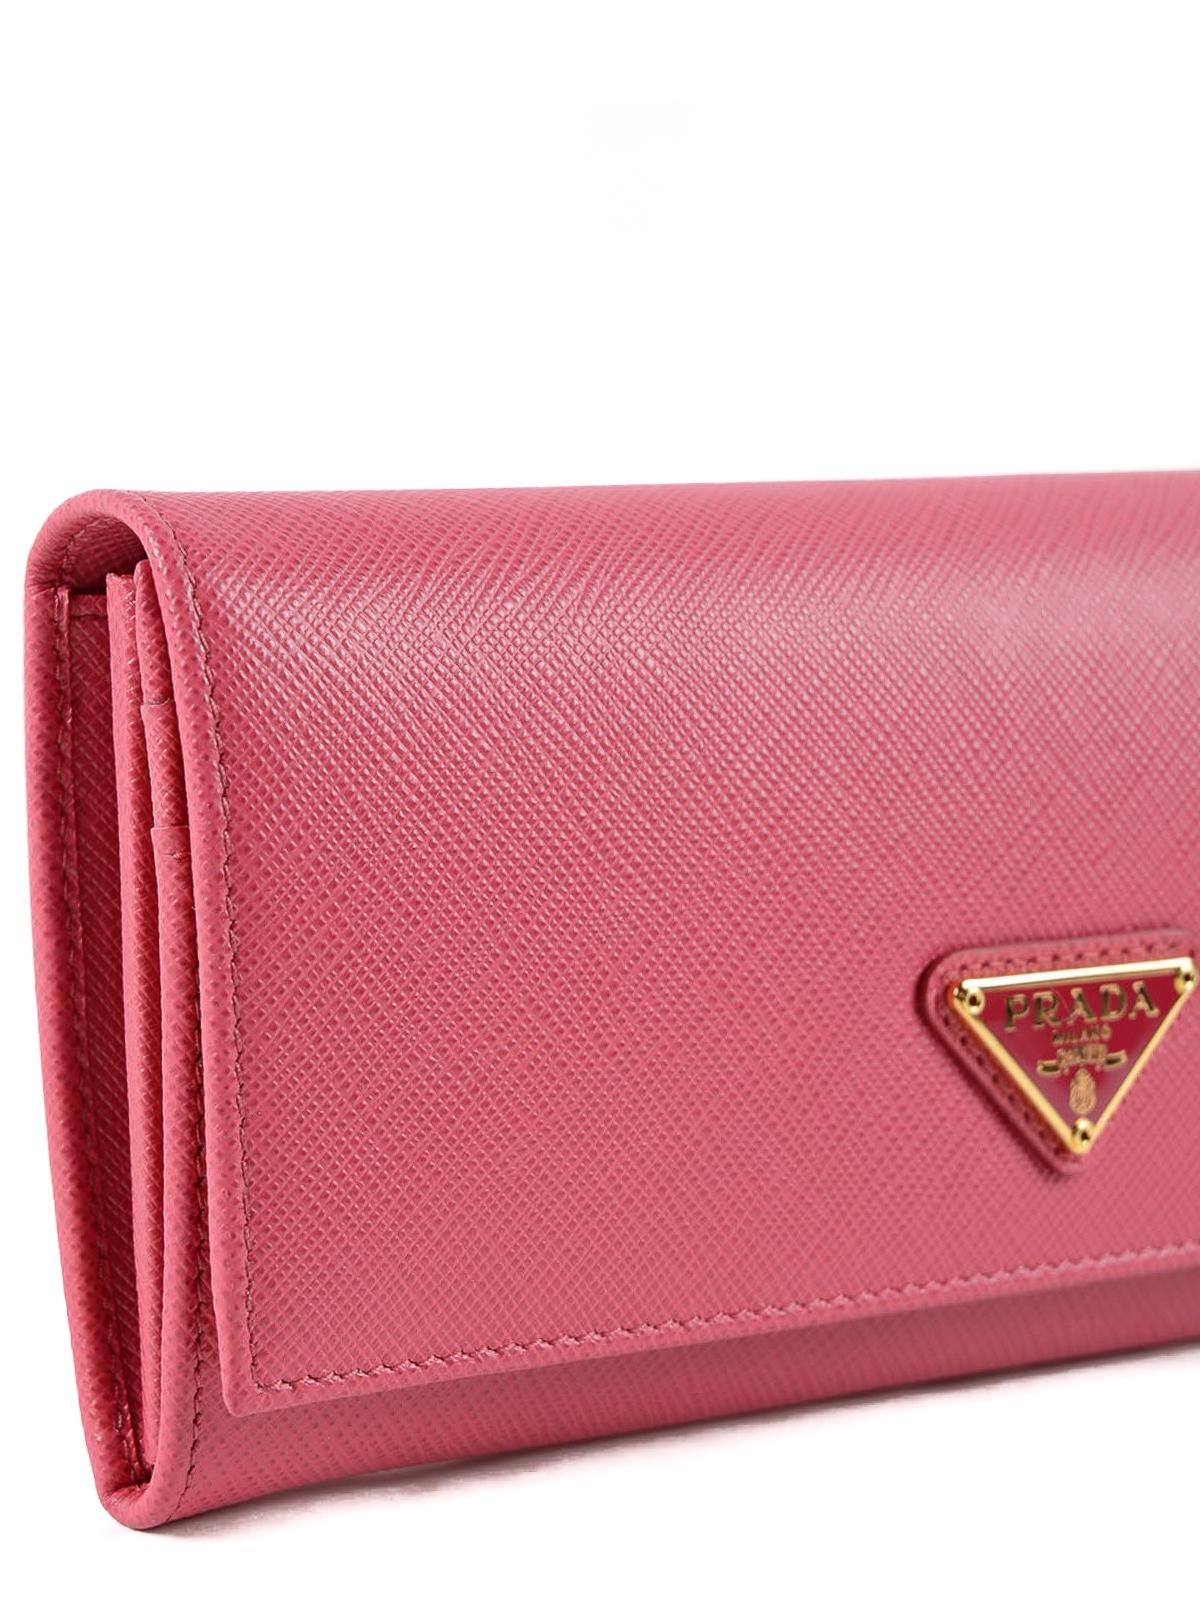 c69b8ea984a7 Prada - Saffiano leather flap wallet - wallets   purses - 1MH132QHH505